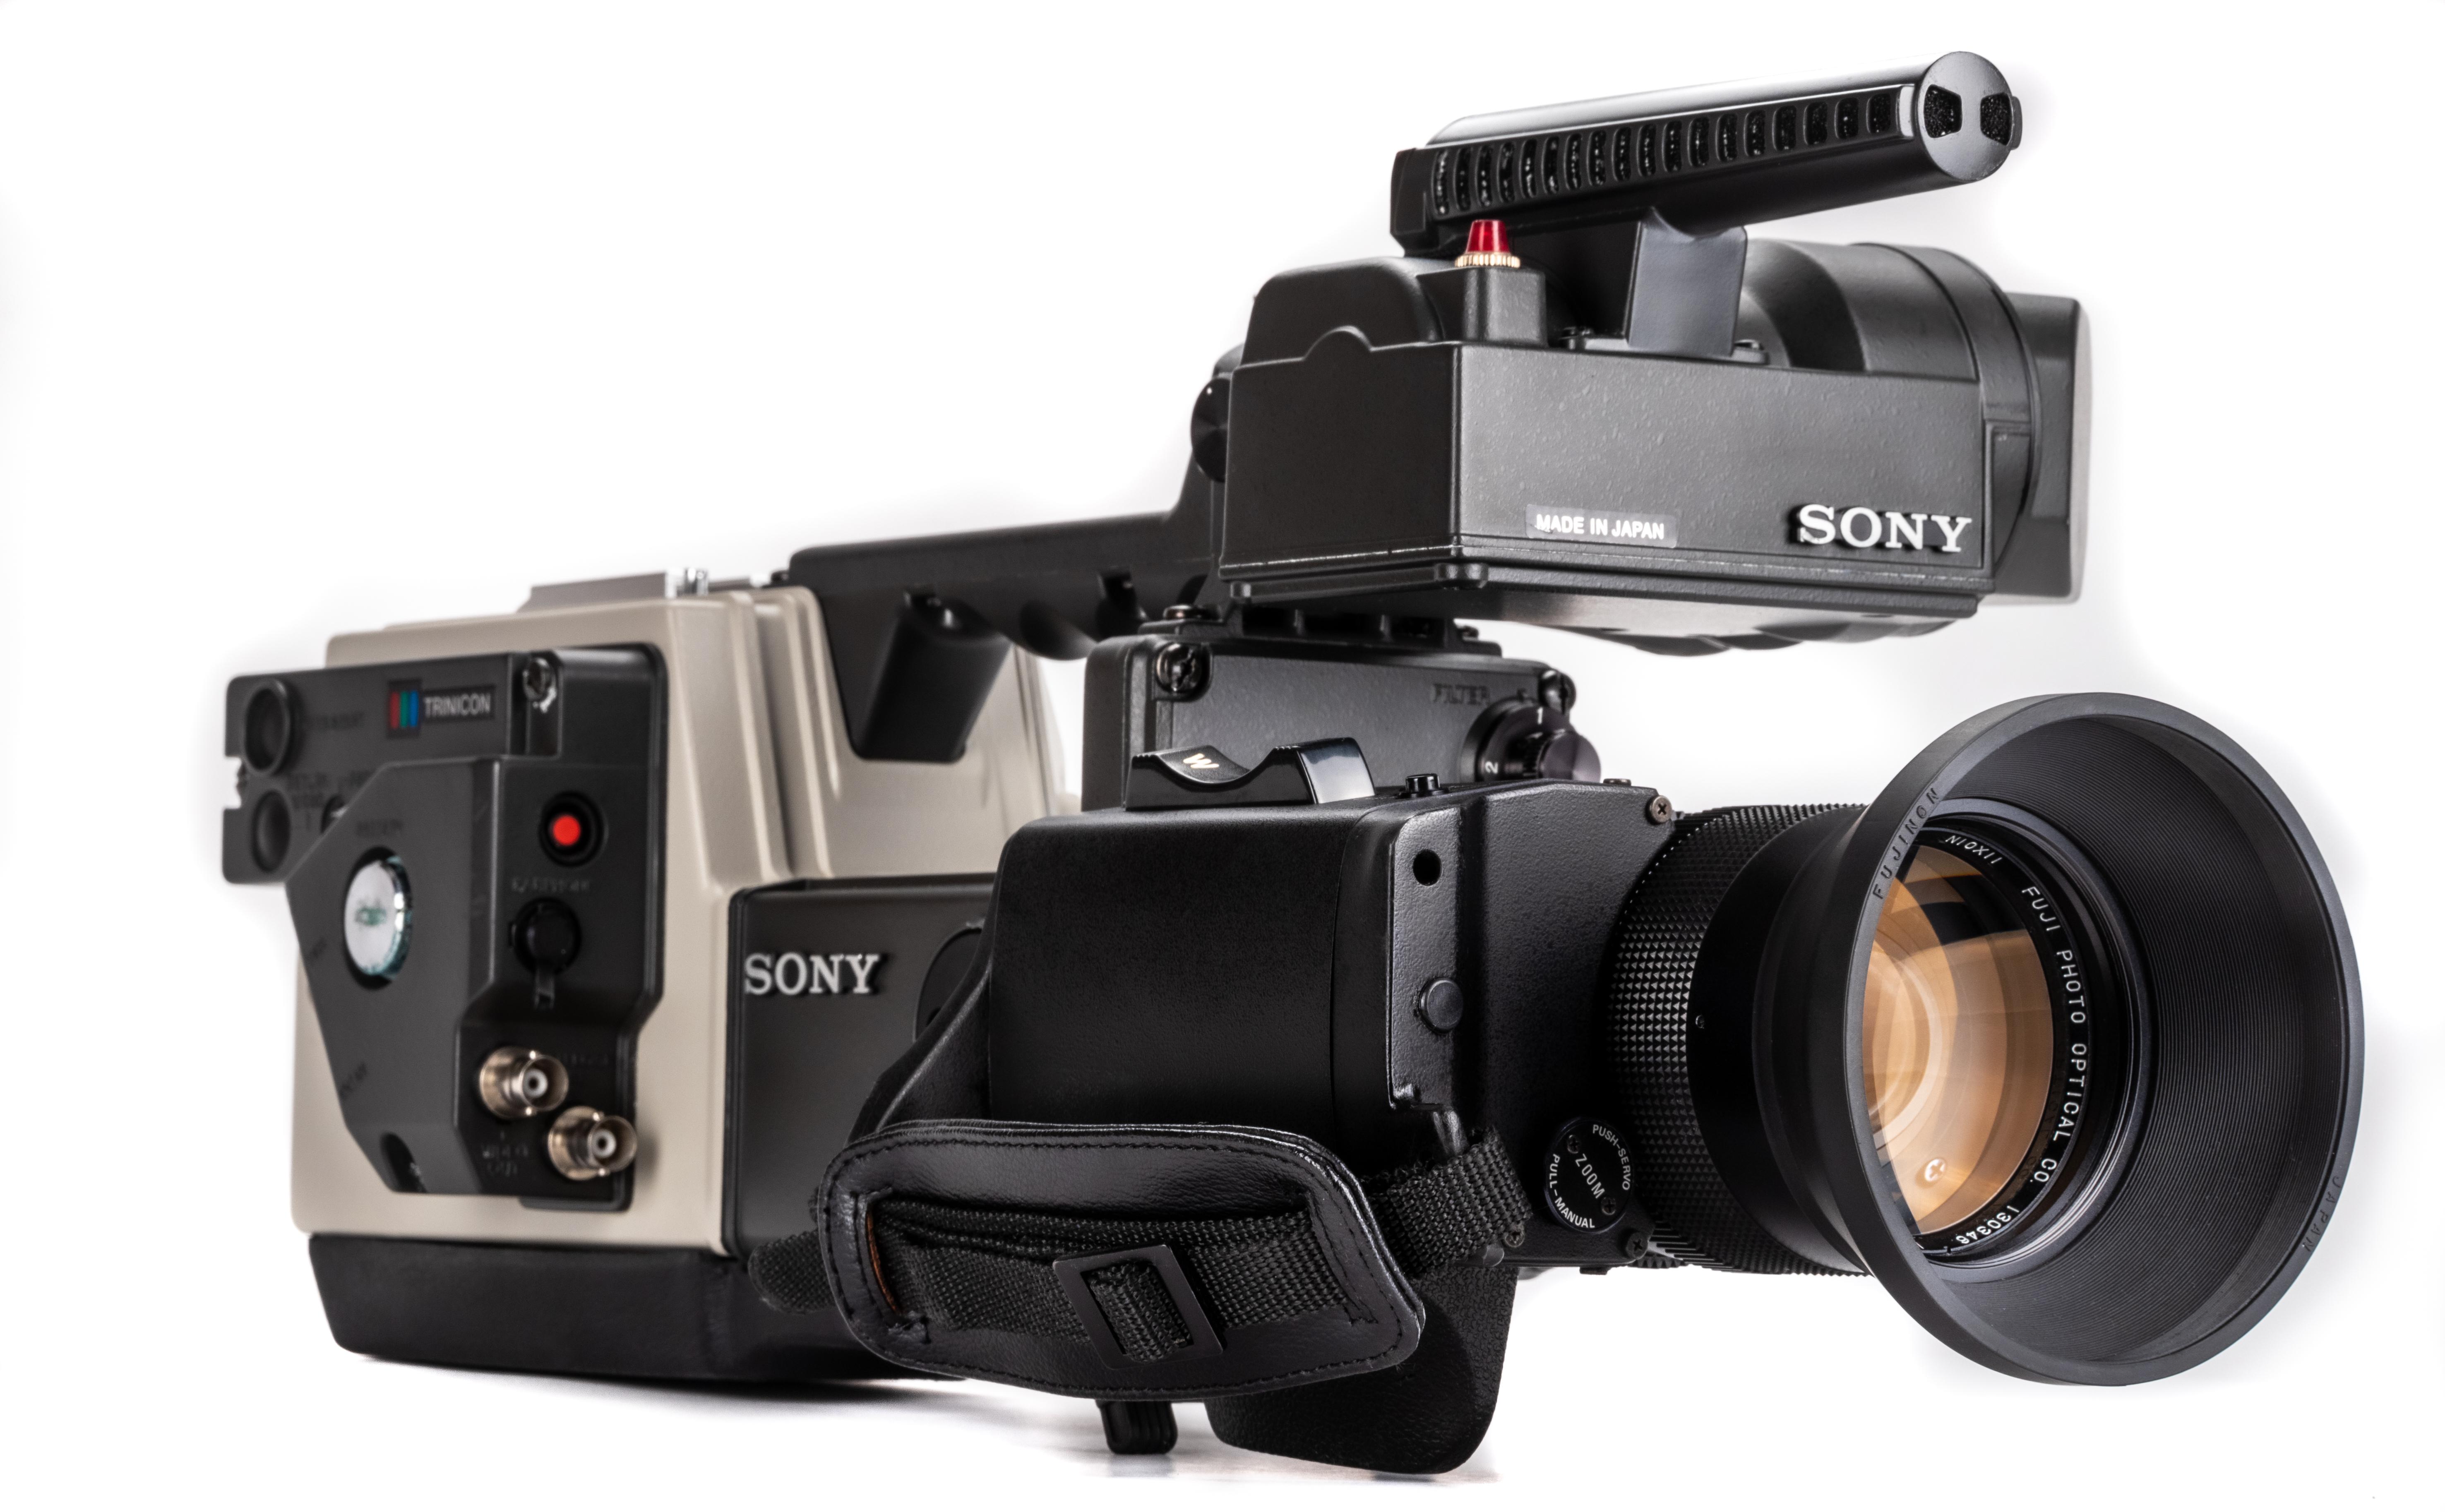 Sony BVP-110P - 08